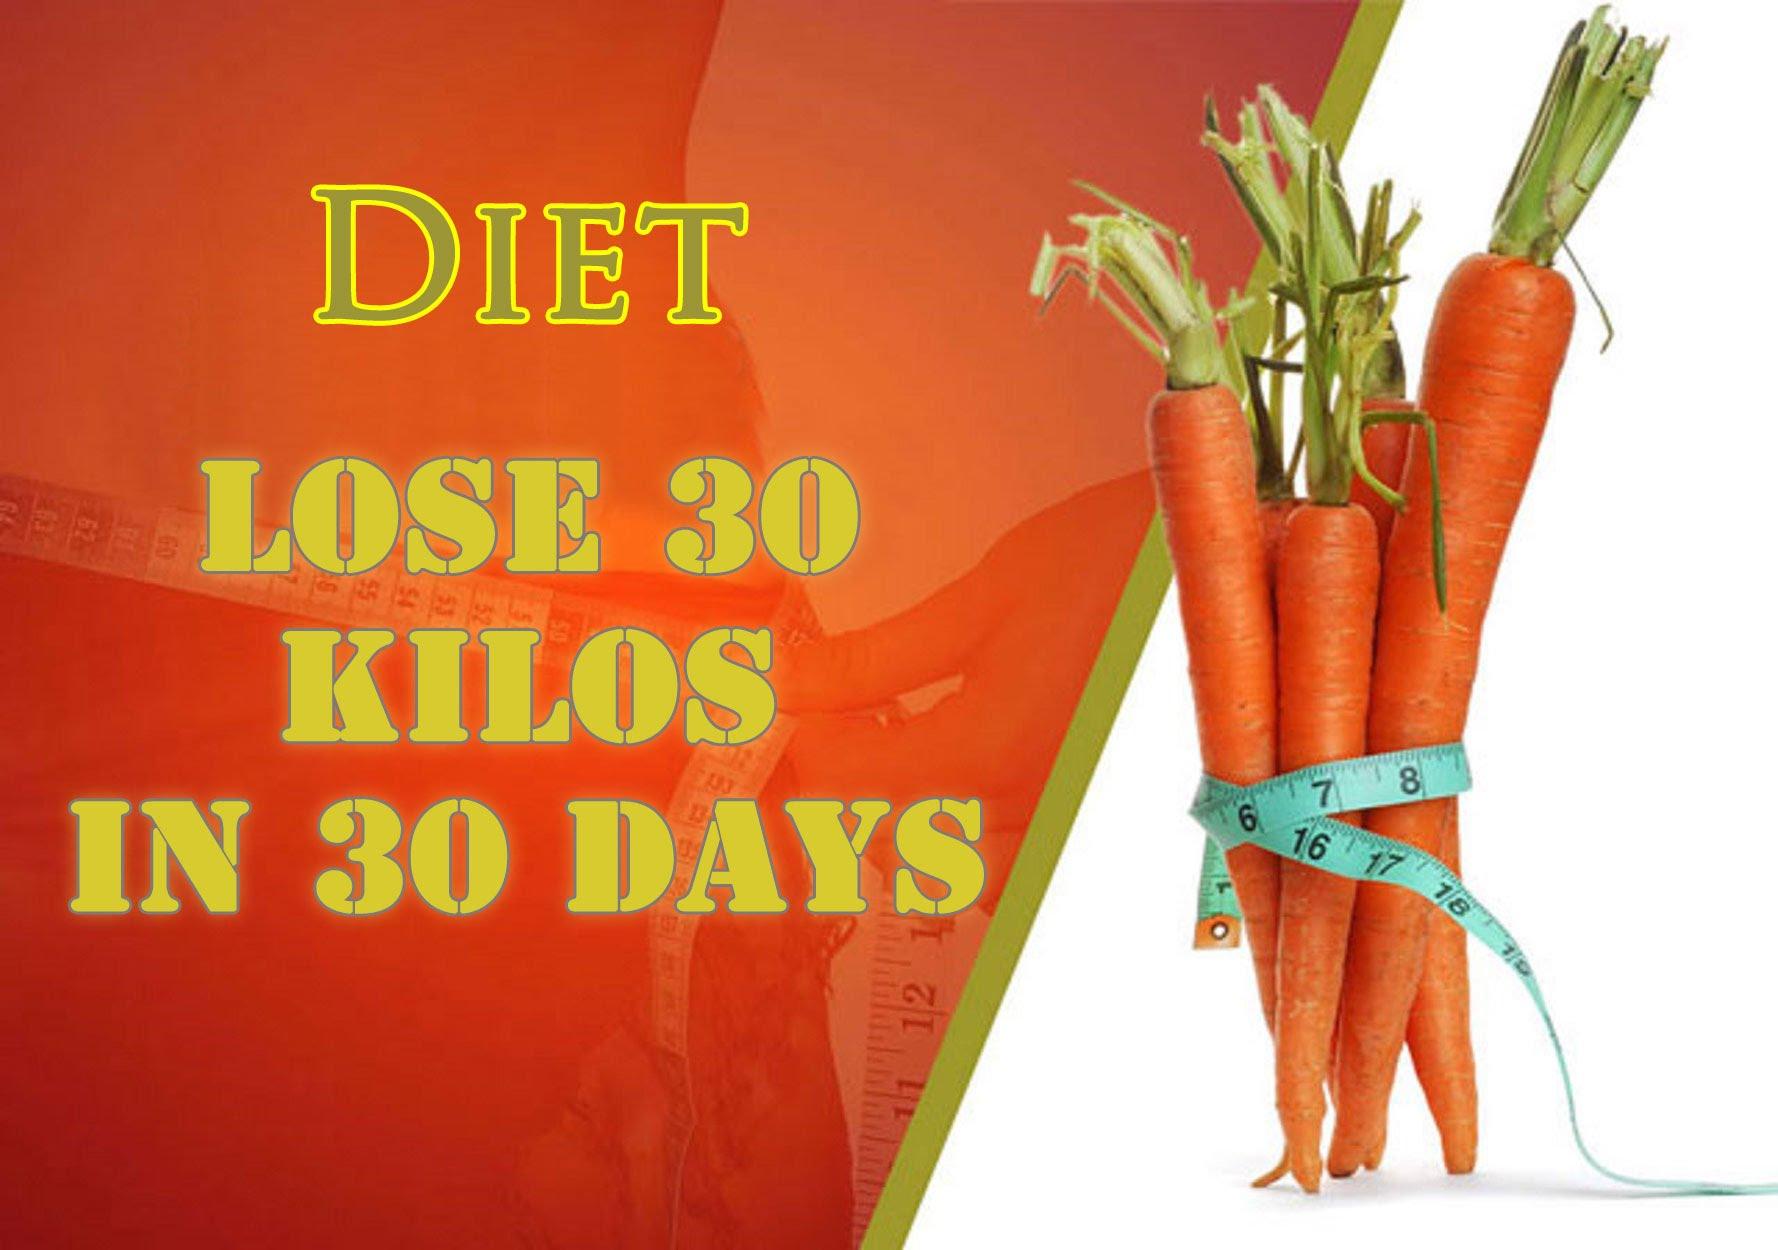 بالصور رجيم رمضان 30 كيلو , كيف تخسر 30 كيلو من وزنك في رمضان 477 1